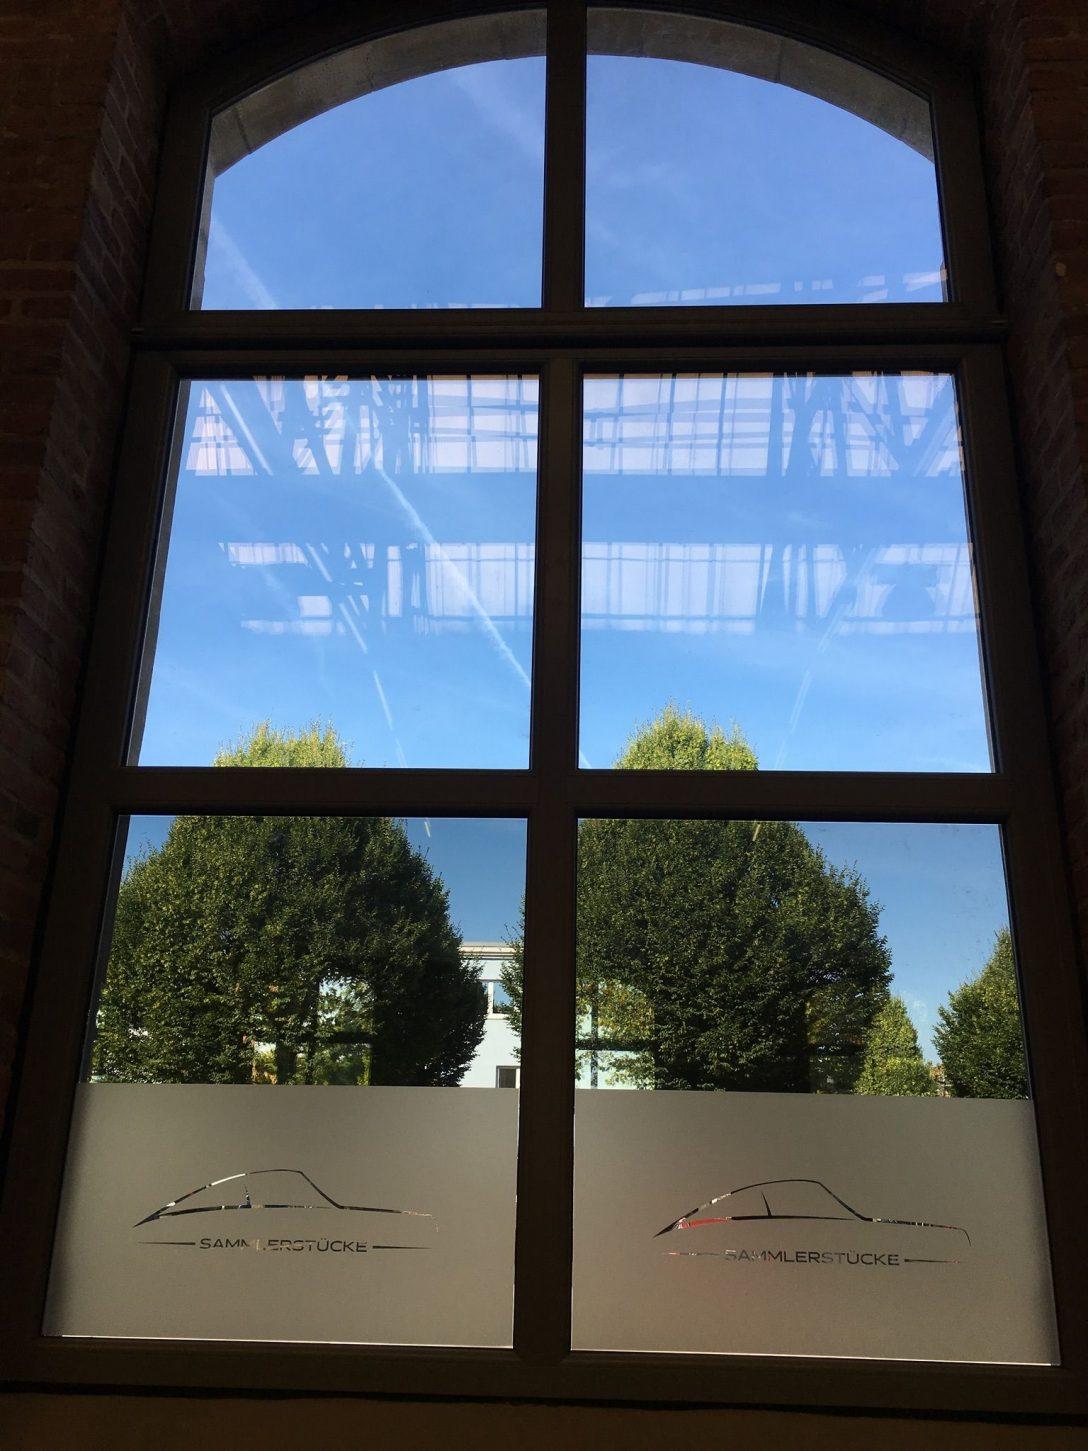 Large Size of Sonnenschutzfolie Fenster Sonnenschutzfolien Transparent Hitzeschutzfolien Mit Spiegeleffekt Rollo Velux Jalousien Innen Sichtschutz Für De Wärmeschutzfolie Fenster Sonnenschutzfolie Fenster